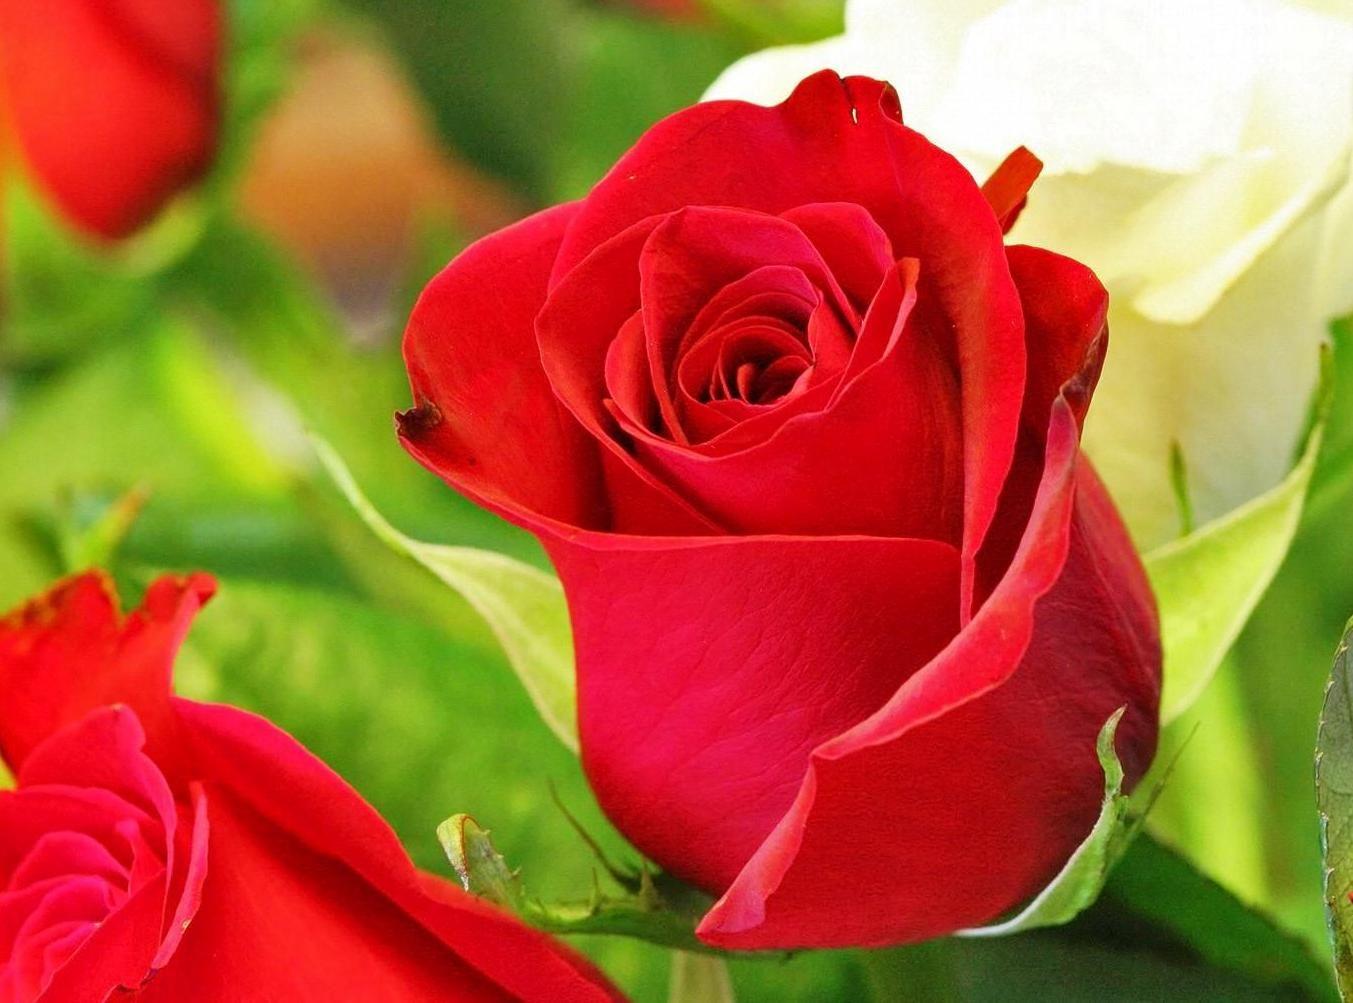 6 Gambar Bunga Mawar Cantik Cocok Untuk Wallpaper Gambar Animasi Images Wallpapers